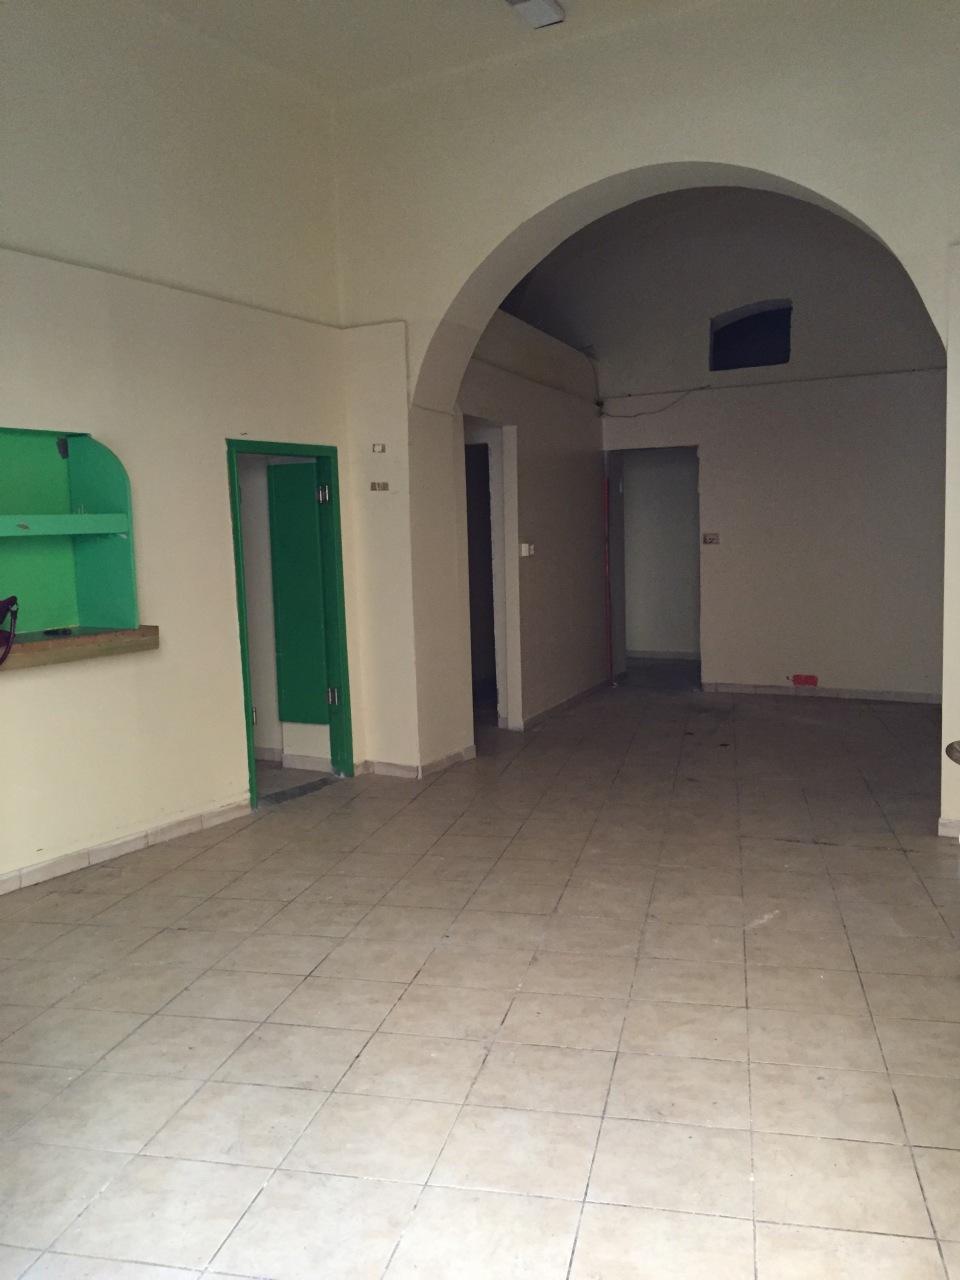 Negozio / Locale in affitto a Livorno, 4 locali, prezzo € 900 | CambioCasa.it